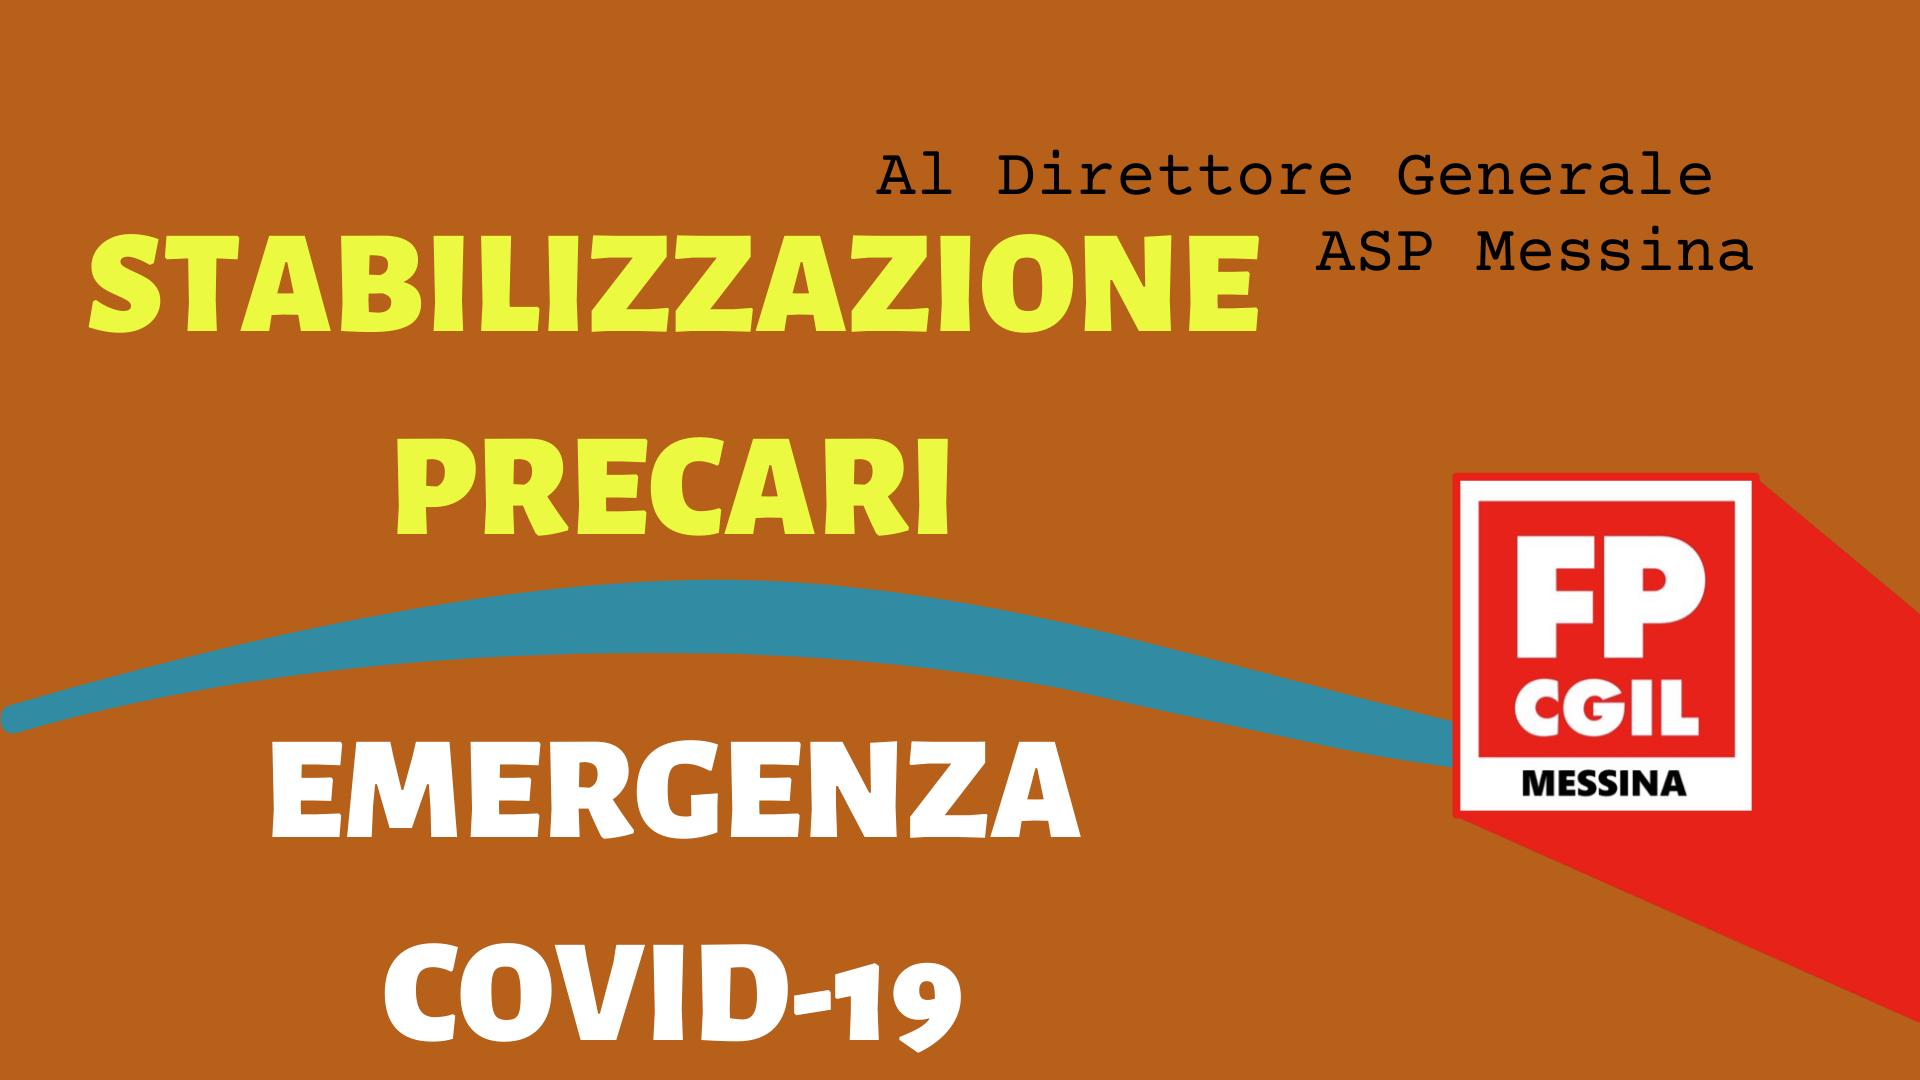 Stabilizzazione precari ed emergenza COVID 19